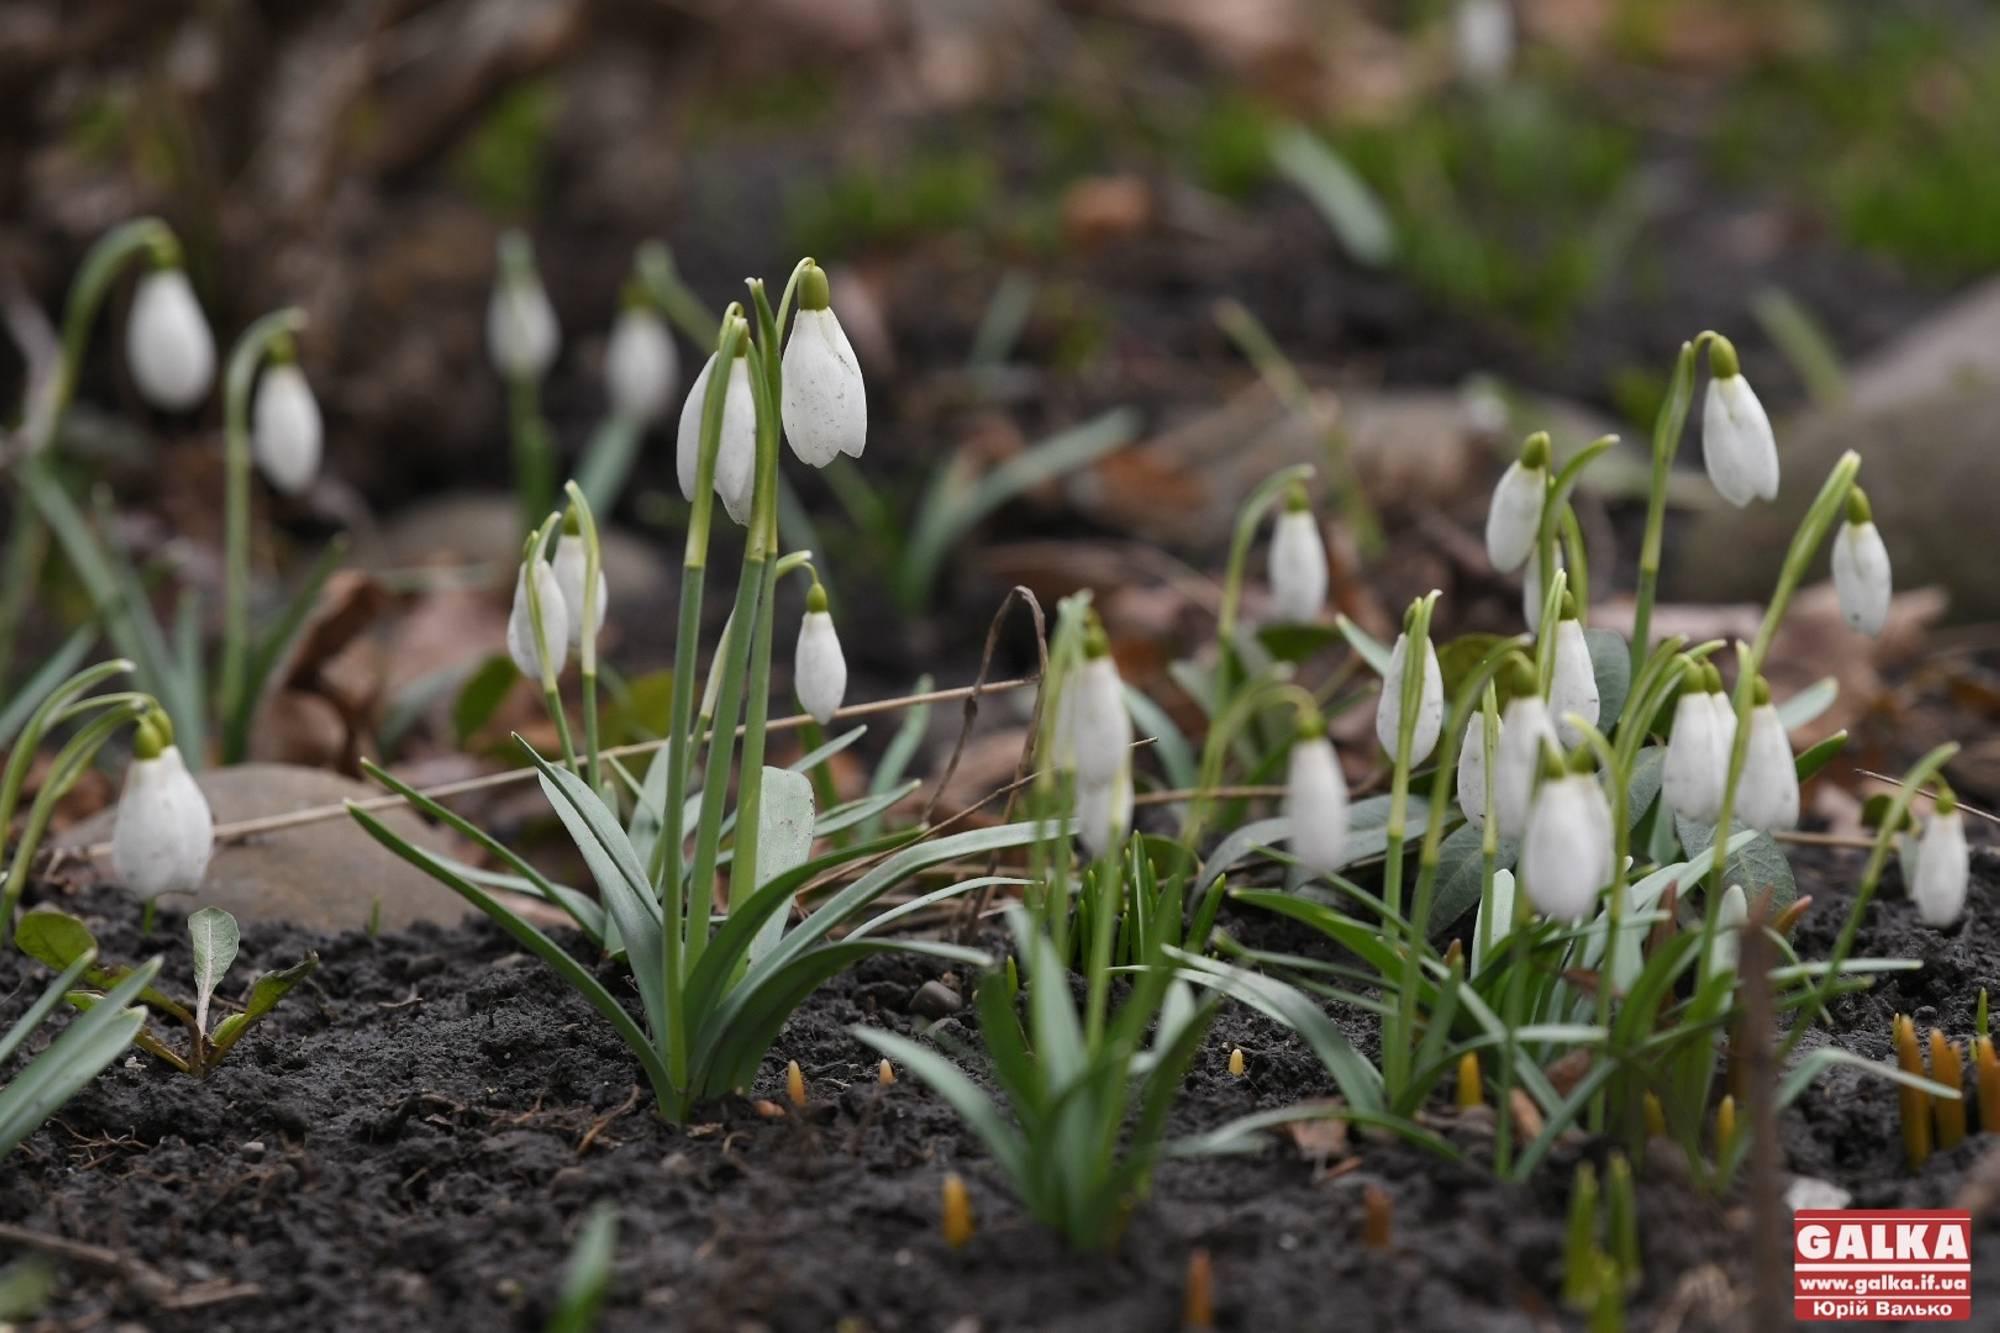 Весна вже в місті: підсніжники та проліски зійшли на вулицях Івано-Франківська (ФОТО)